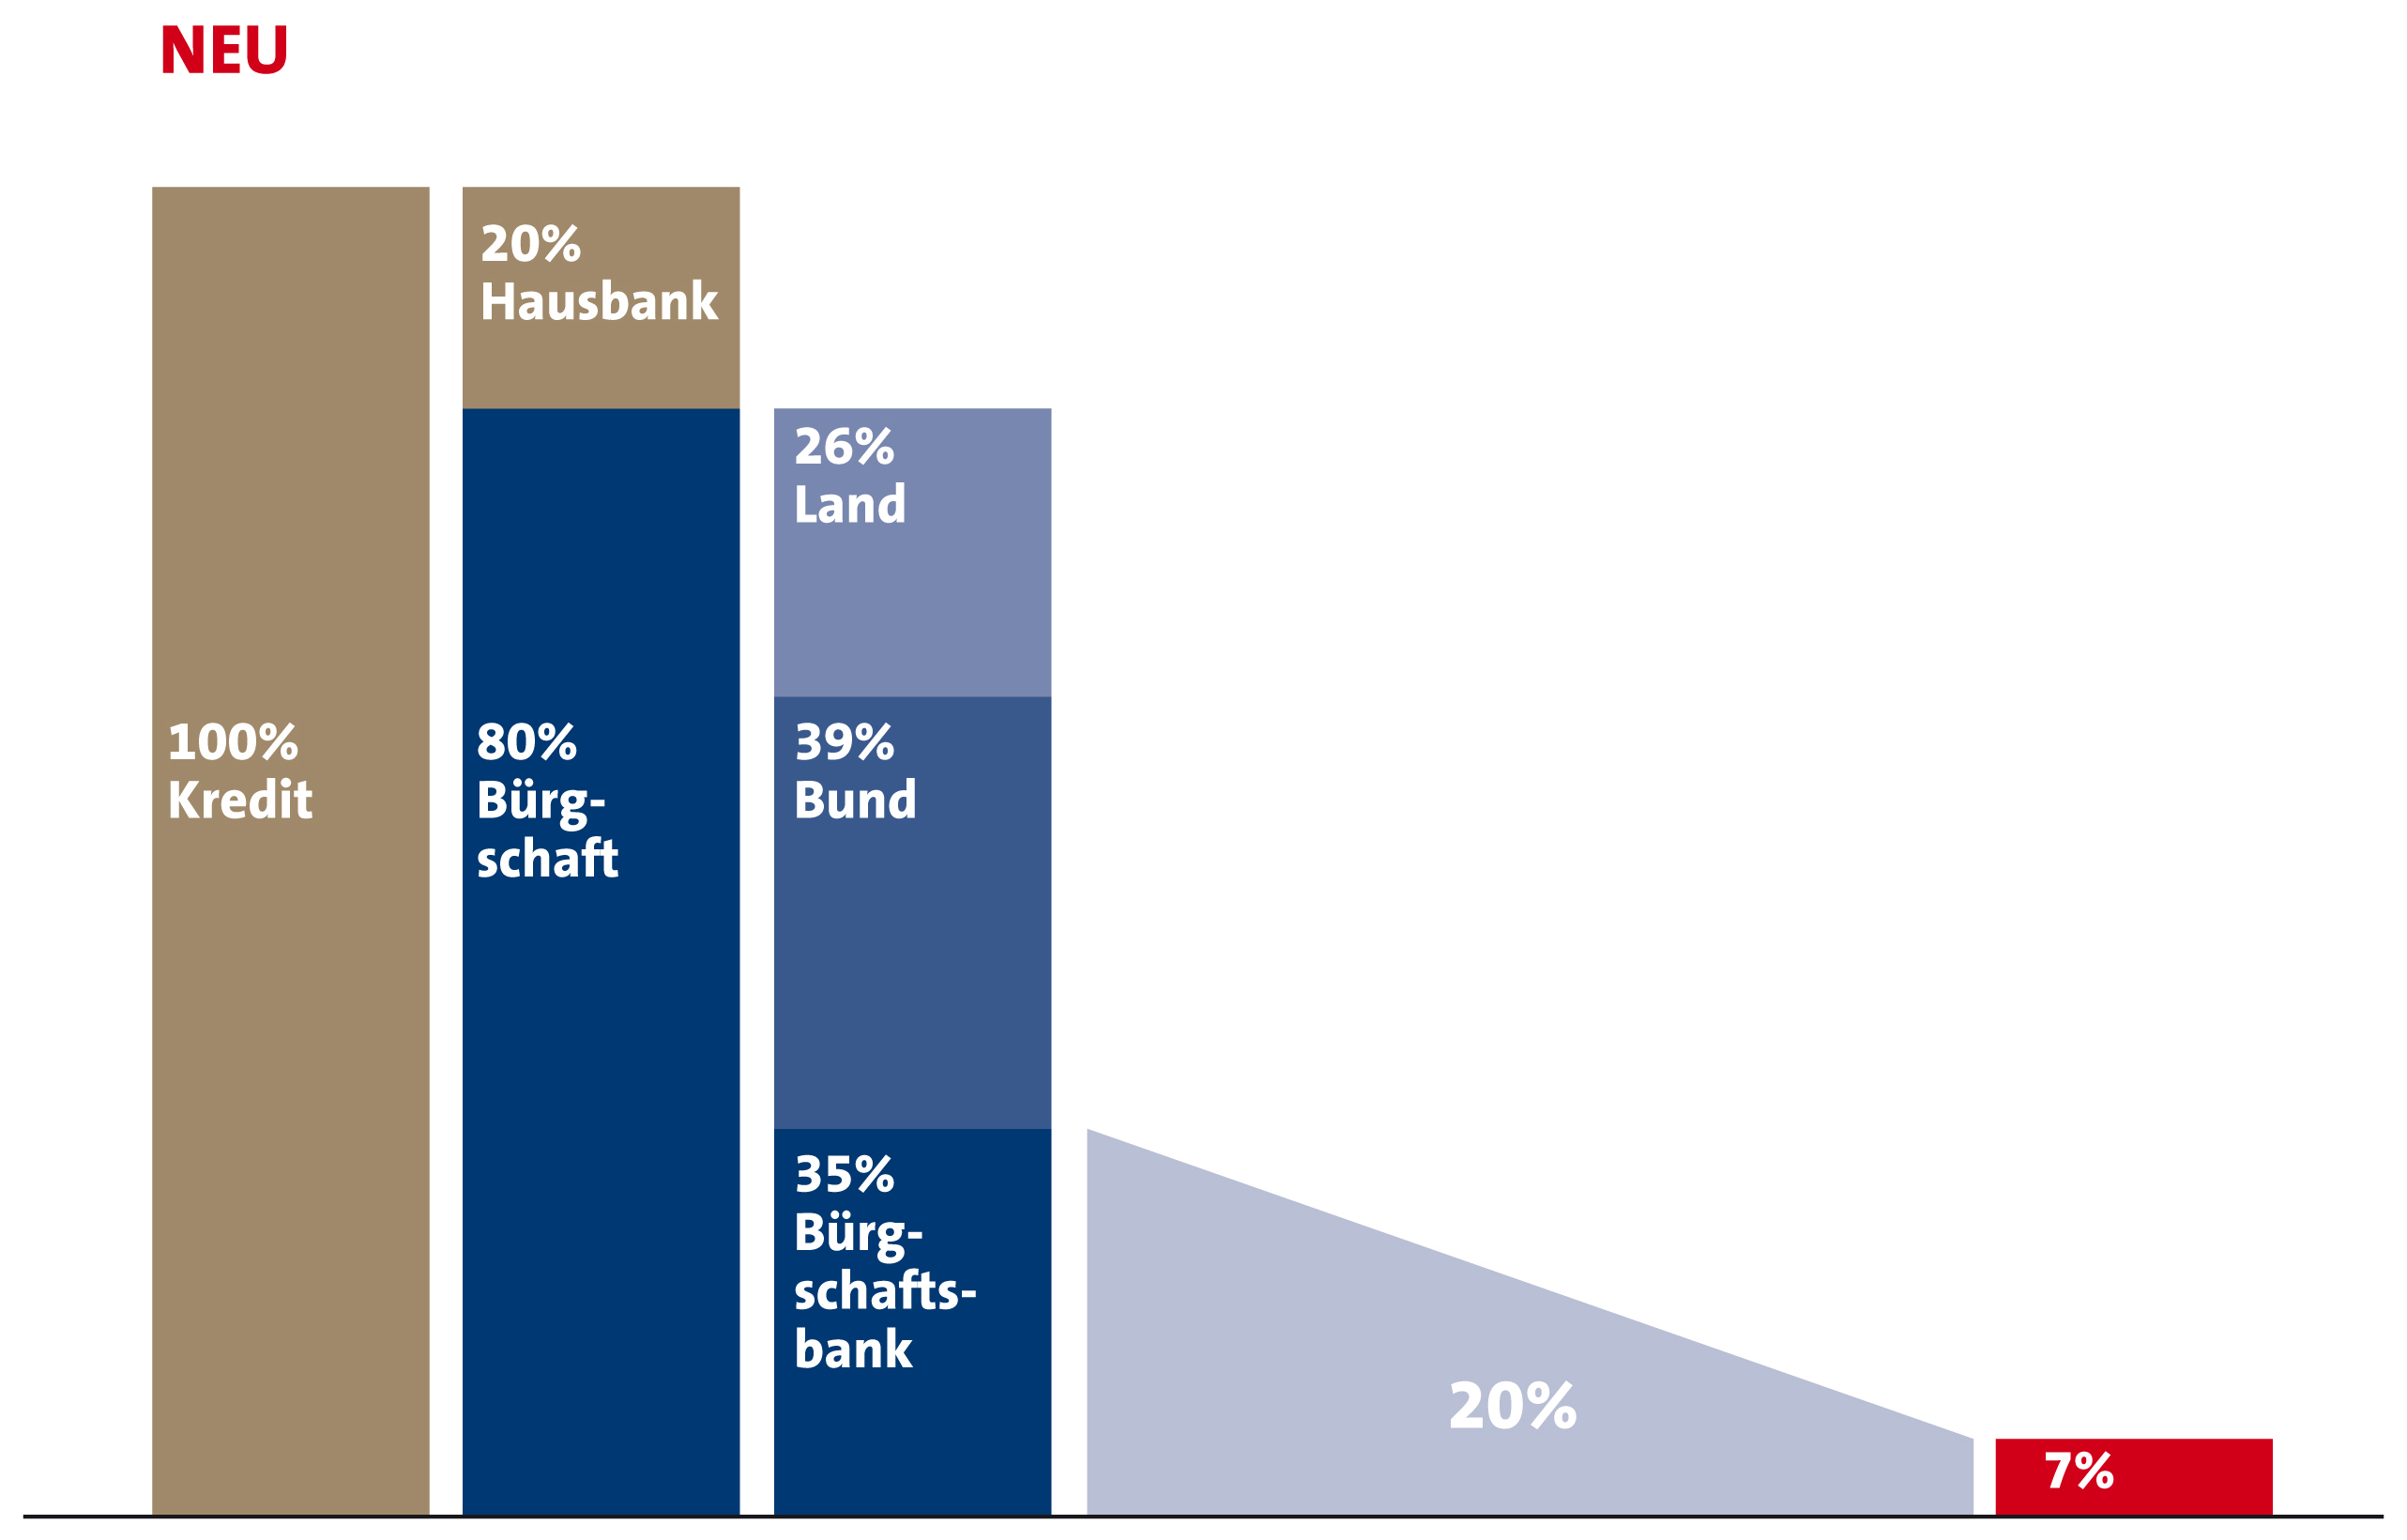 Verband Deutscher Bürgschaftsbanken e.V: Risikogewicht sinkt auf sieben Prozent. Neue Eigenkapital-Gewichtung von Bürgschaften in den alten Bundesländern